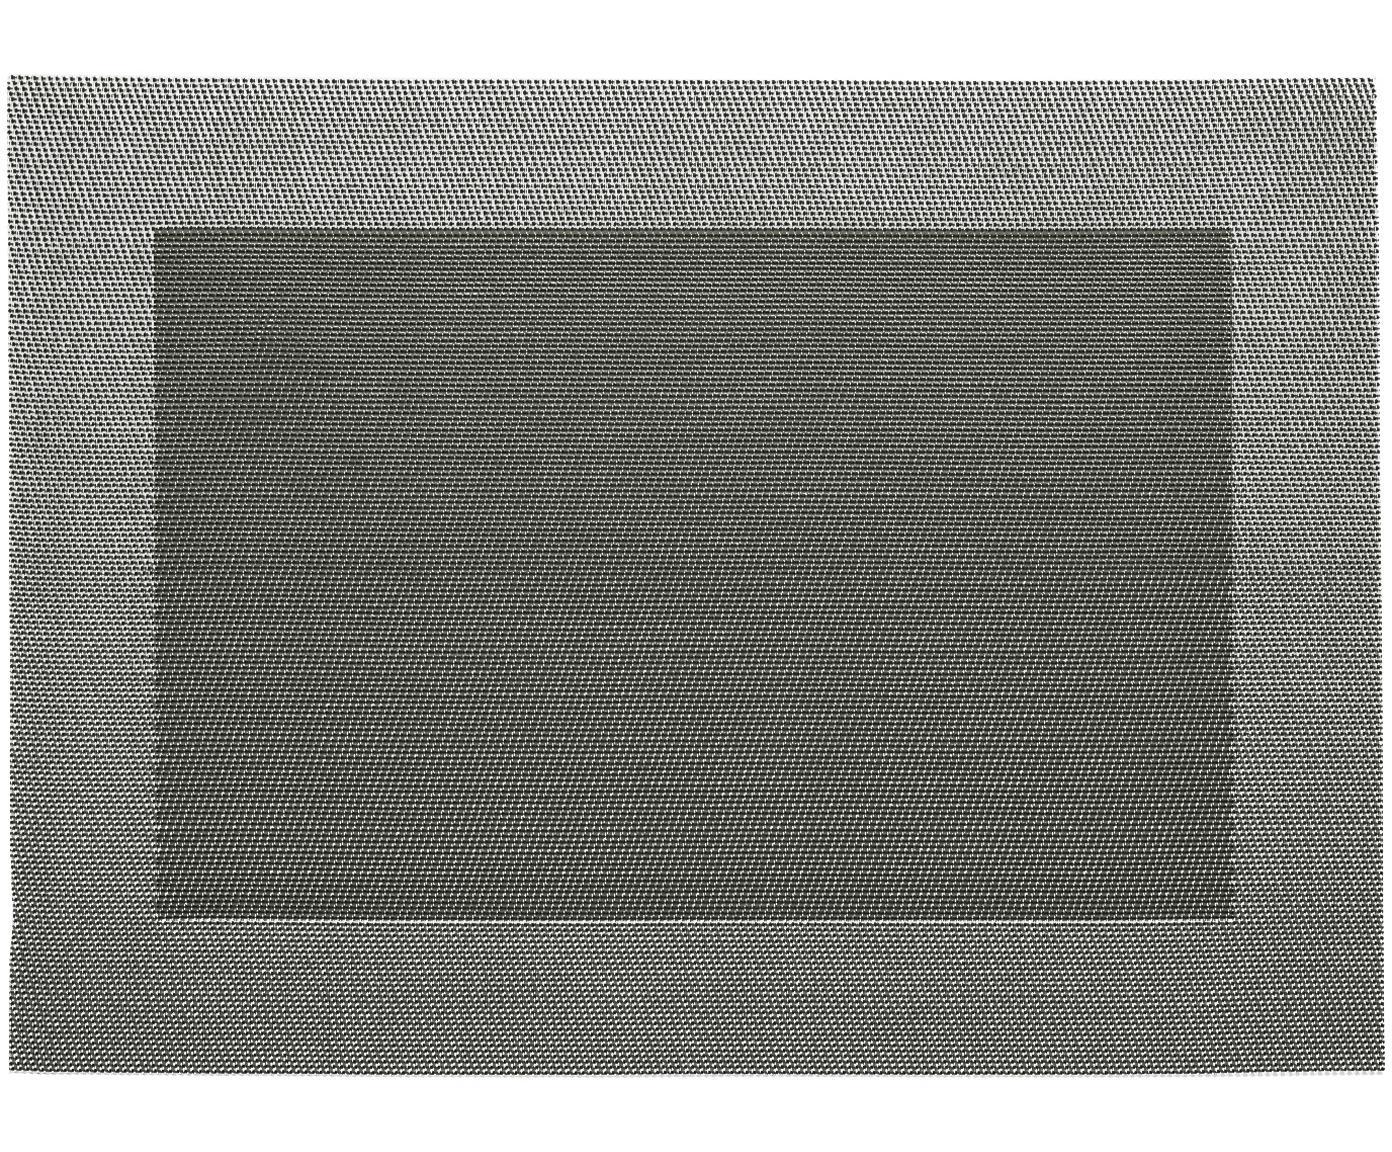 Kunststof placemat Modern, 2 stuks, Kunststof, Zilverkleurig, zwart, 33 x 46 cm